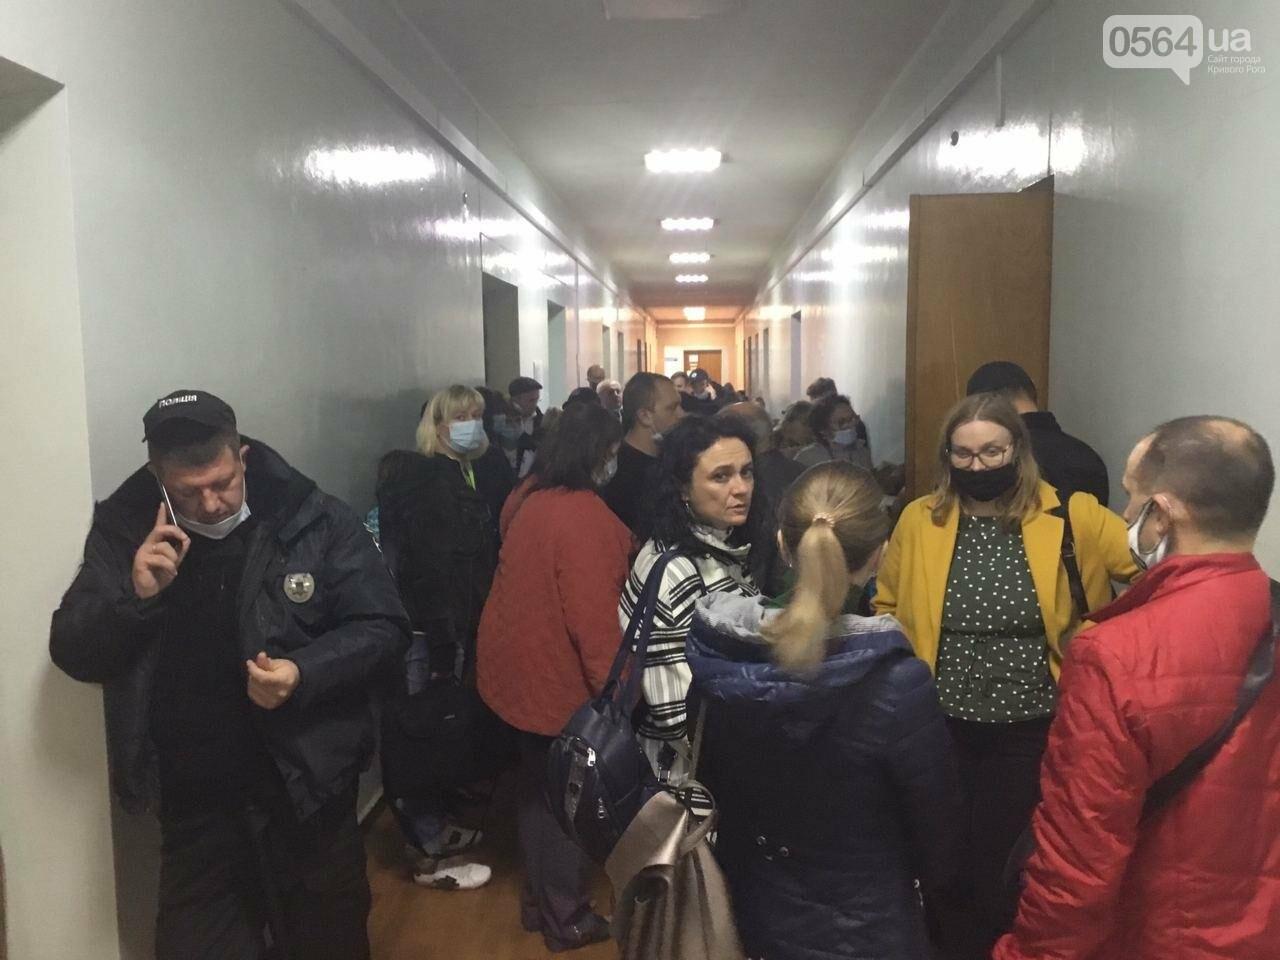 Криворожская городская избирательная комиссия приняла протоколы от более 25% УИК, - ФОТО, фото-3